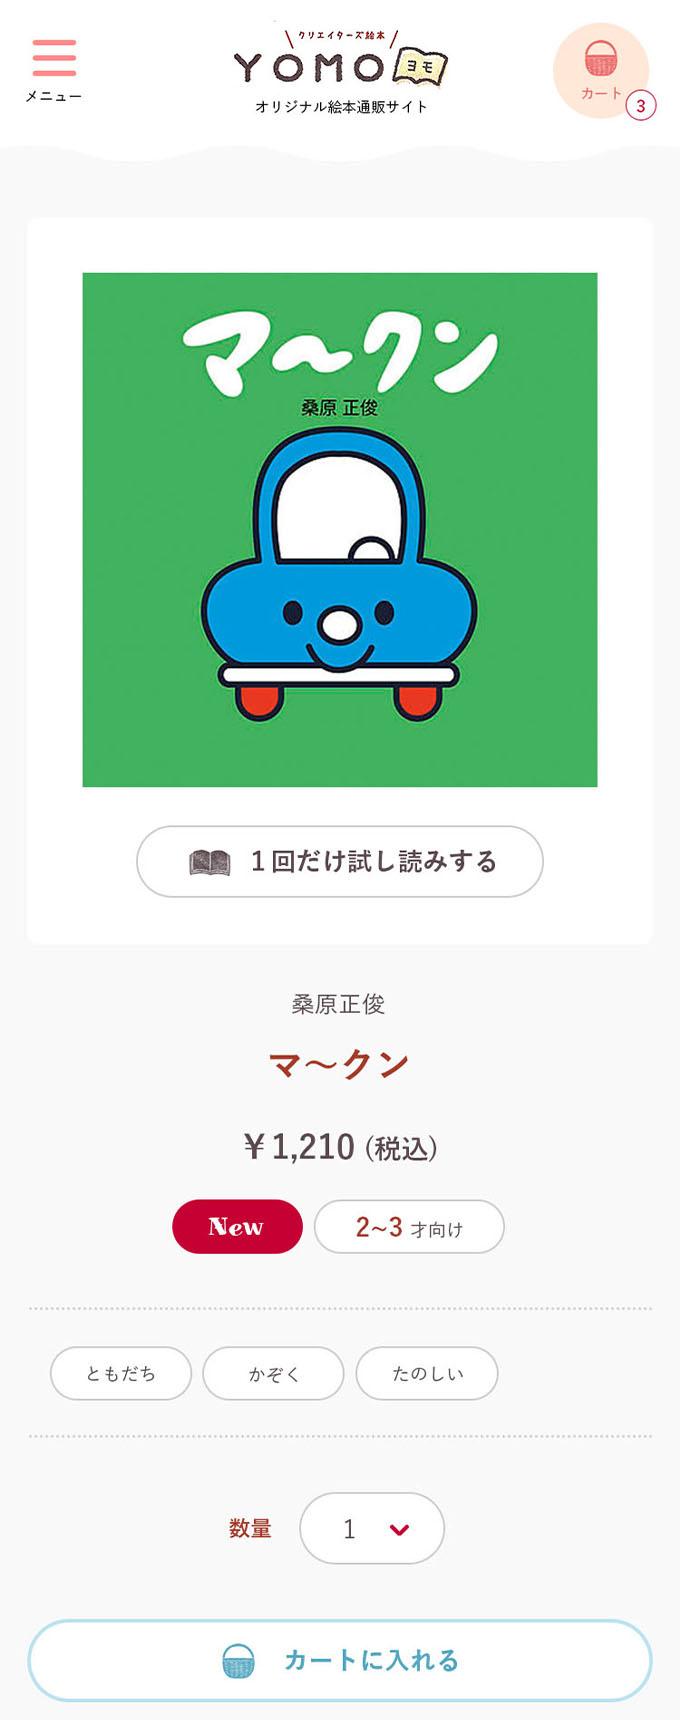 オリジナル絵本通販サイトYOMO SP 商品ページ デザイン